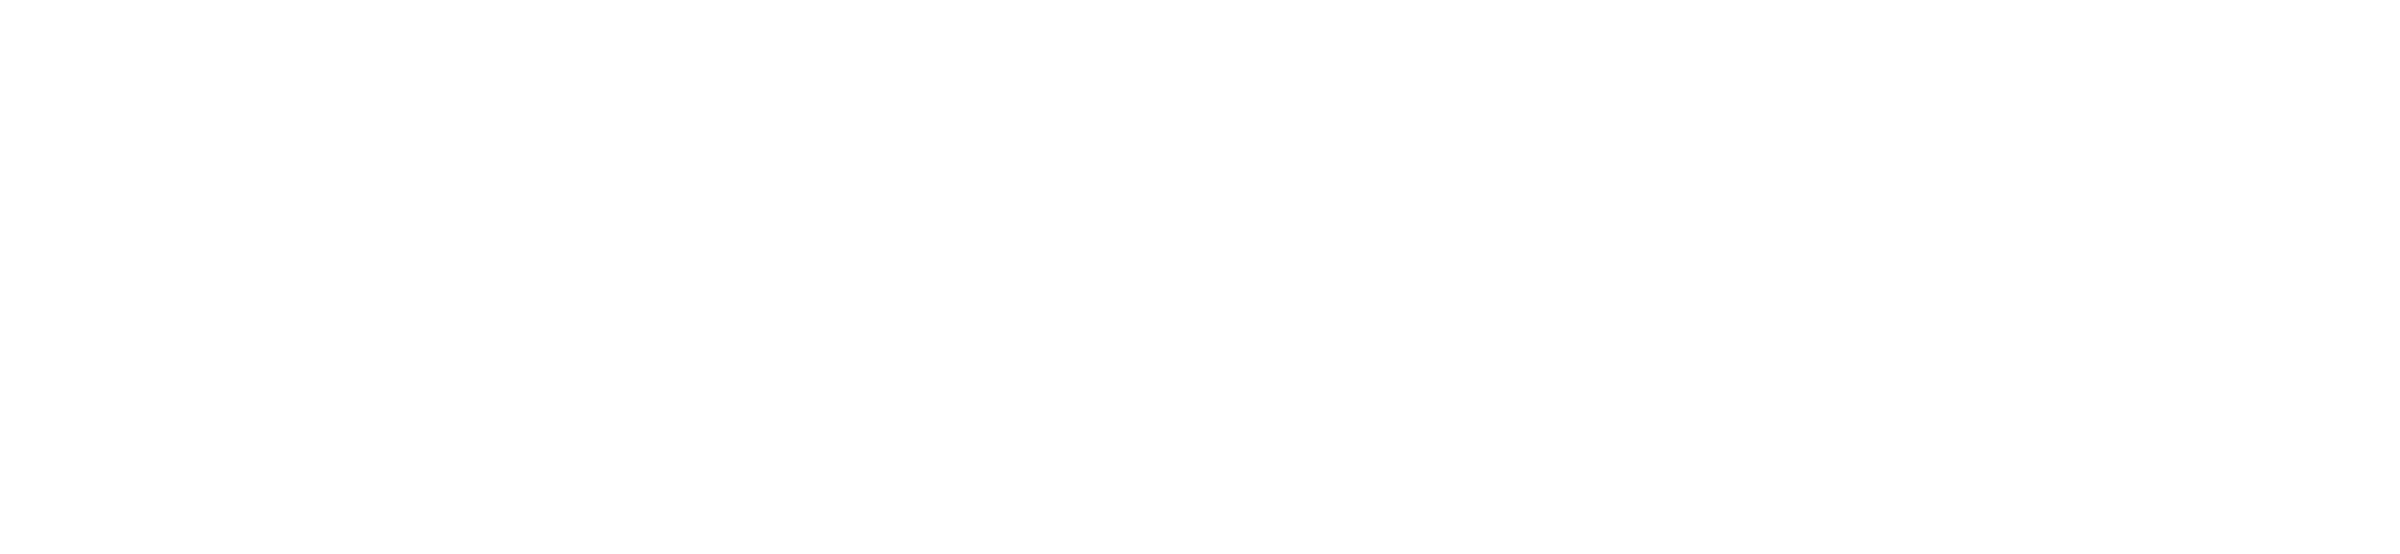 armani-png-transparent-logo